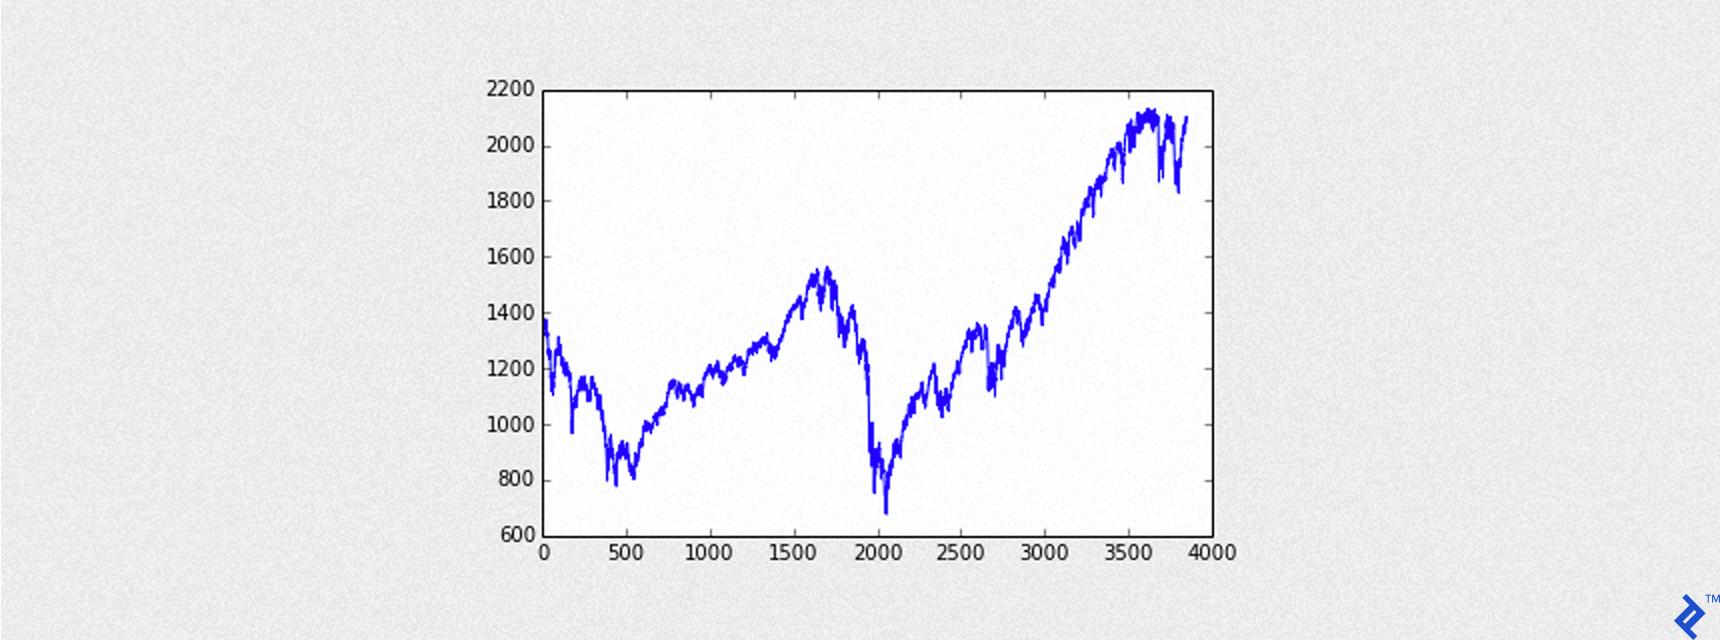 trading s&p 500 cfd best ecn stp forex broker